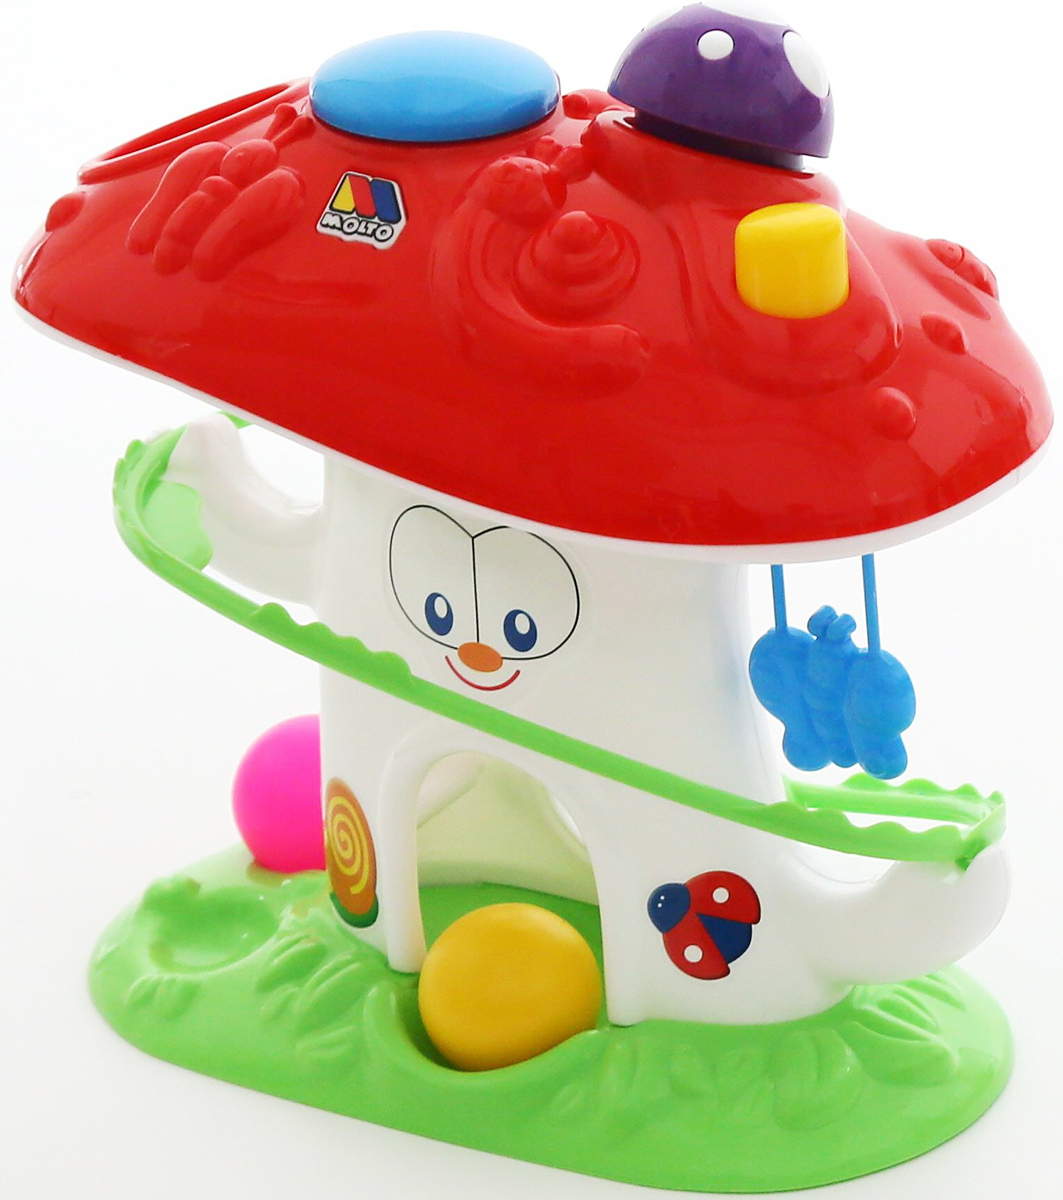 Полесье Развивающая игрушка Забавный гриб, цвет в ассортименте